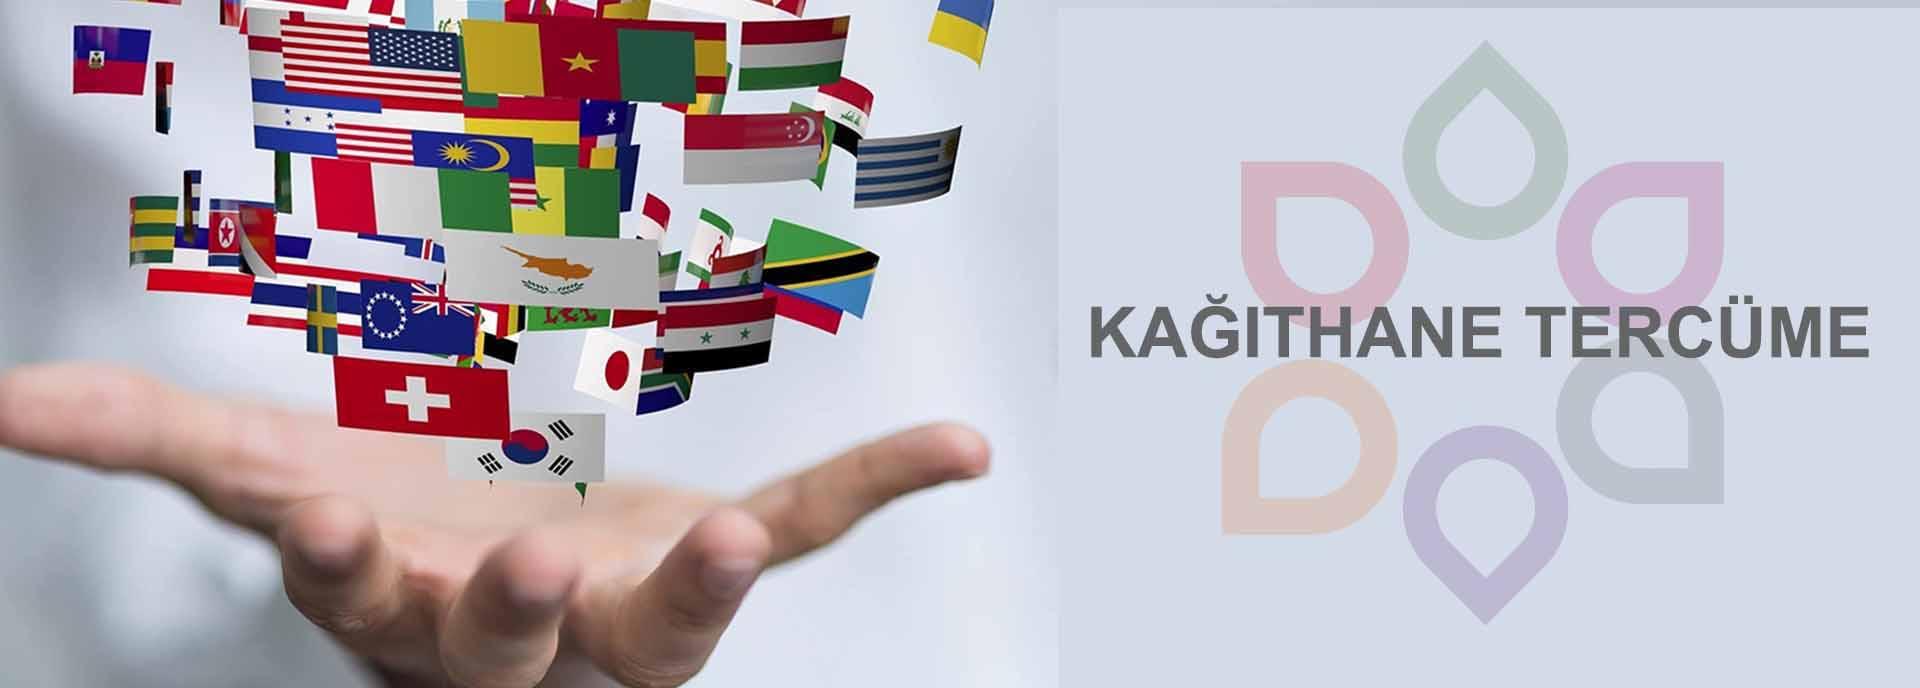 Kağıthane'de yeminli tercüme işleriniz için Kağıthane merkezdeki tercüme büromuzu arayarak, tercüme belgelerinizi bize mail yoluyla veya kargoyla ulaştırabilirsiniz. Kağıthane bölgesinde çok sayıda müşterilerimize her türlü belgelerin noter yeminli tercüme işlemlerini büyük titizlikle ve hızlı bir şekilde tamamlayarak müşterilerimizin adresine kurye veya kargo ile gönderiyoruz.